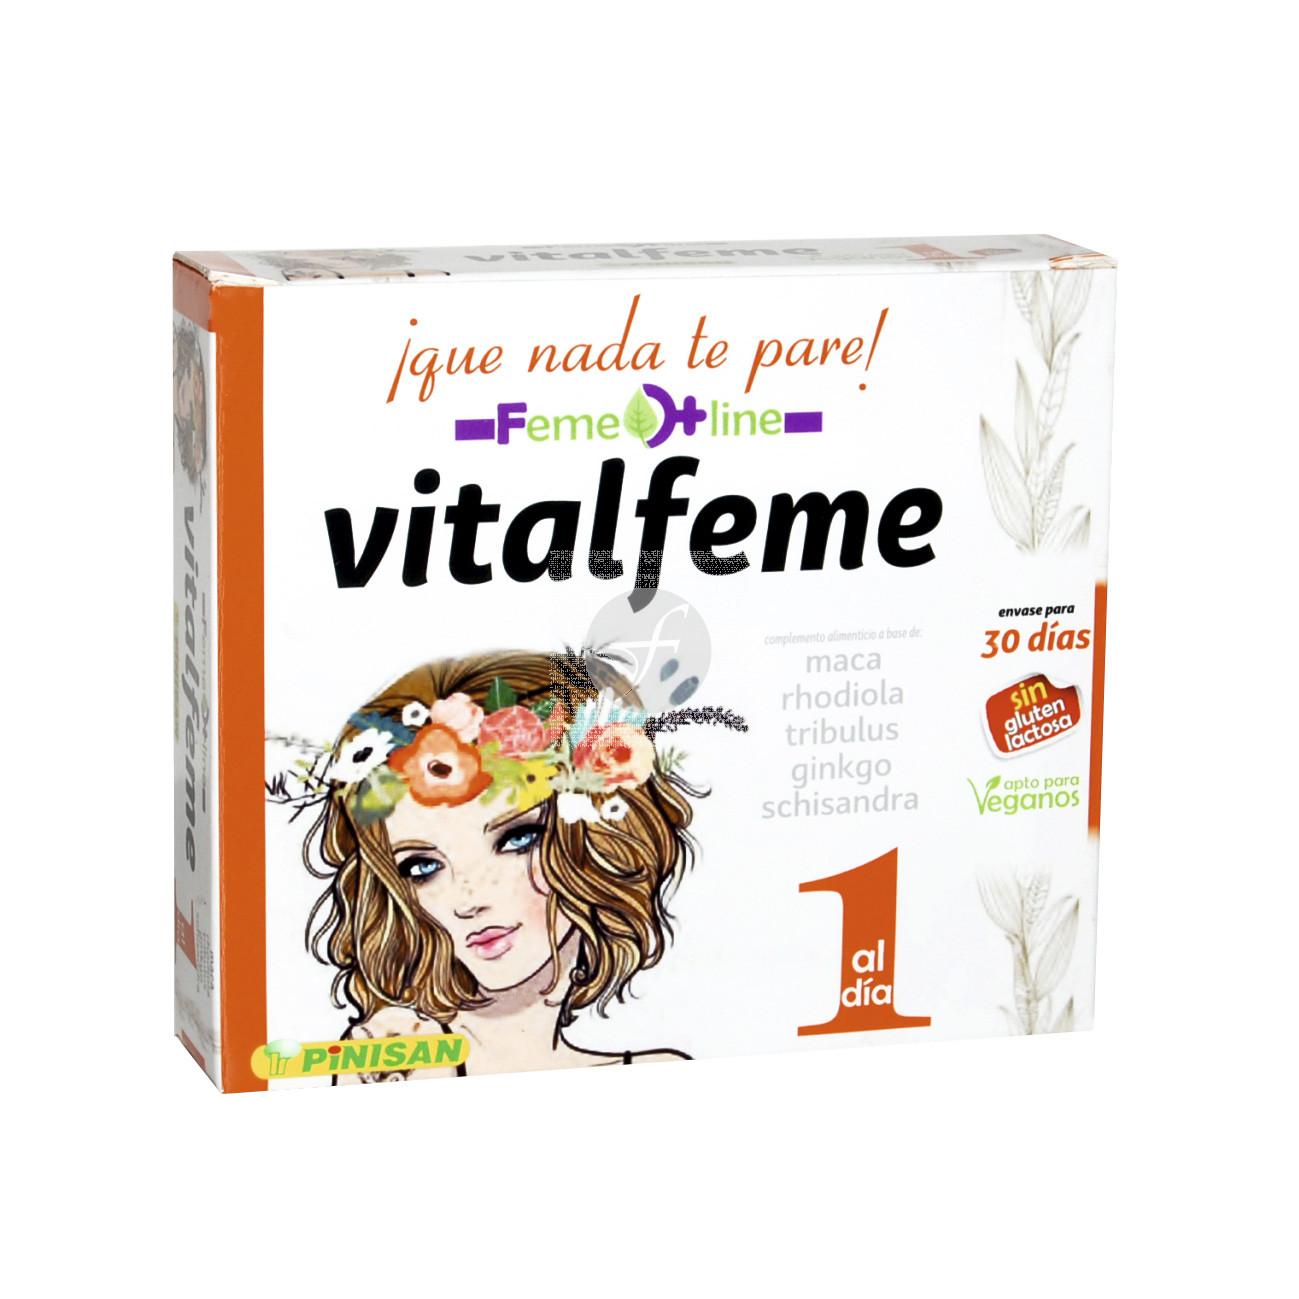 Vitalfeme vitalidad Feme Line 30 cápsulas Pinisan